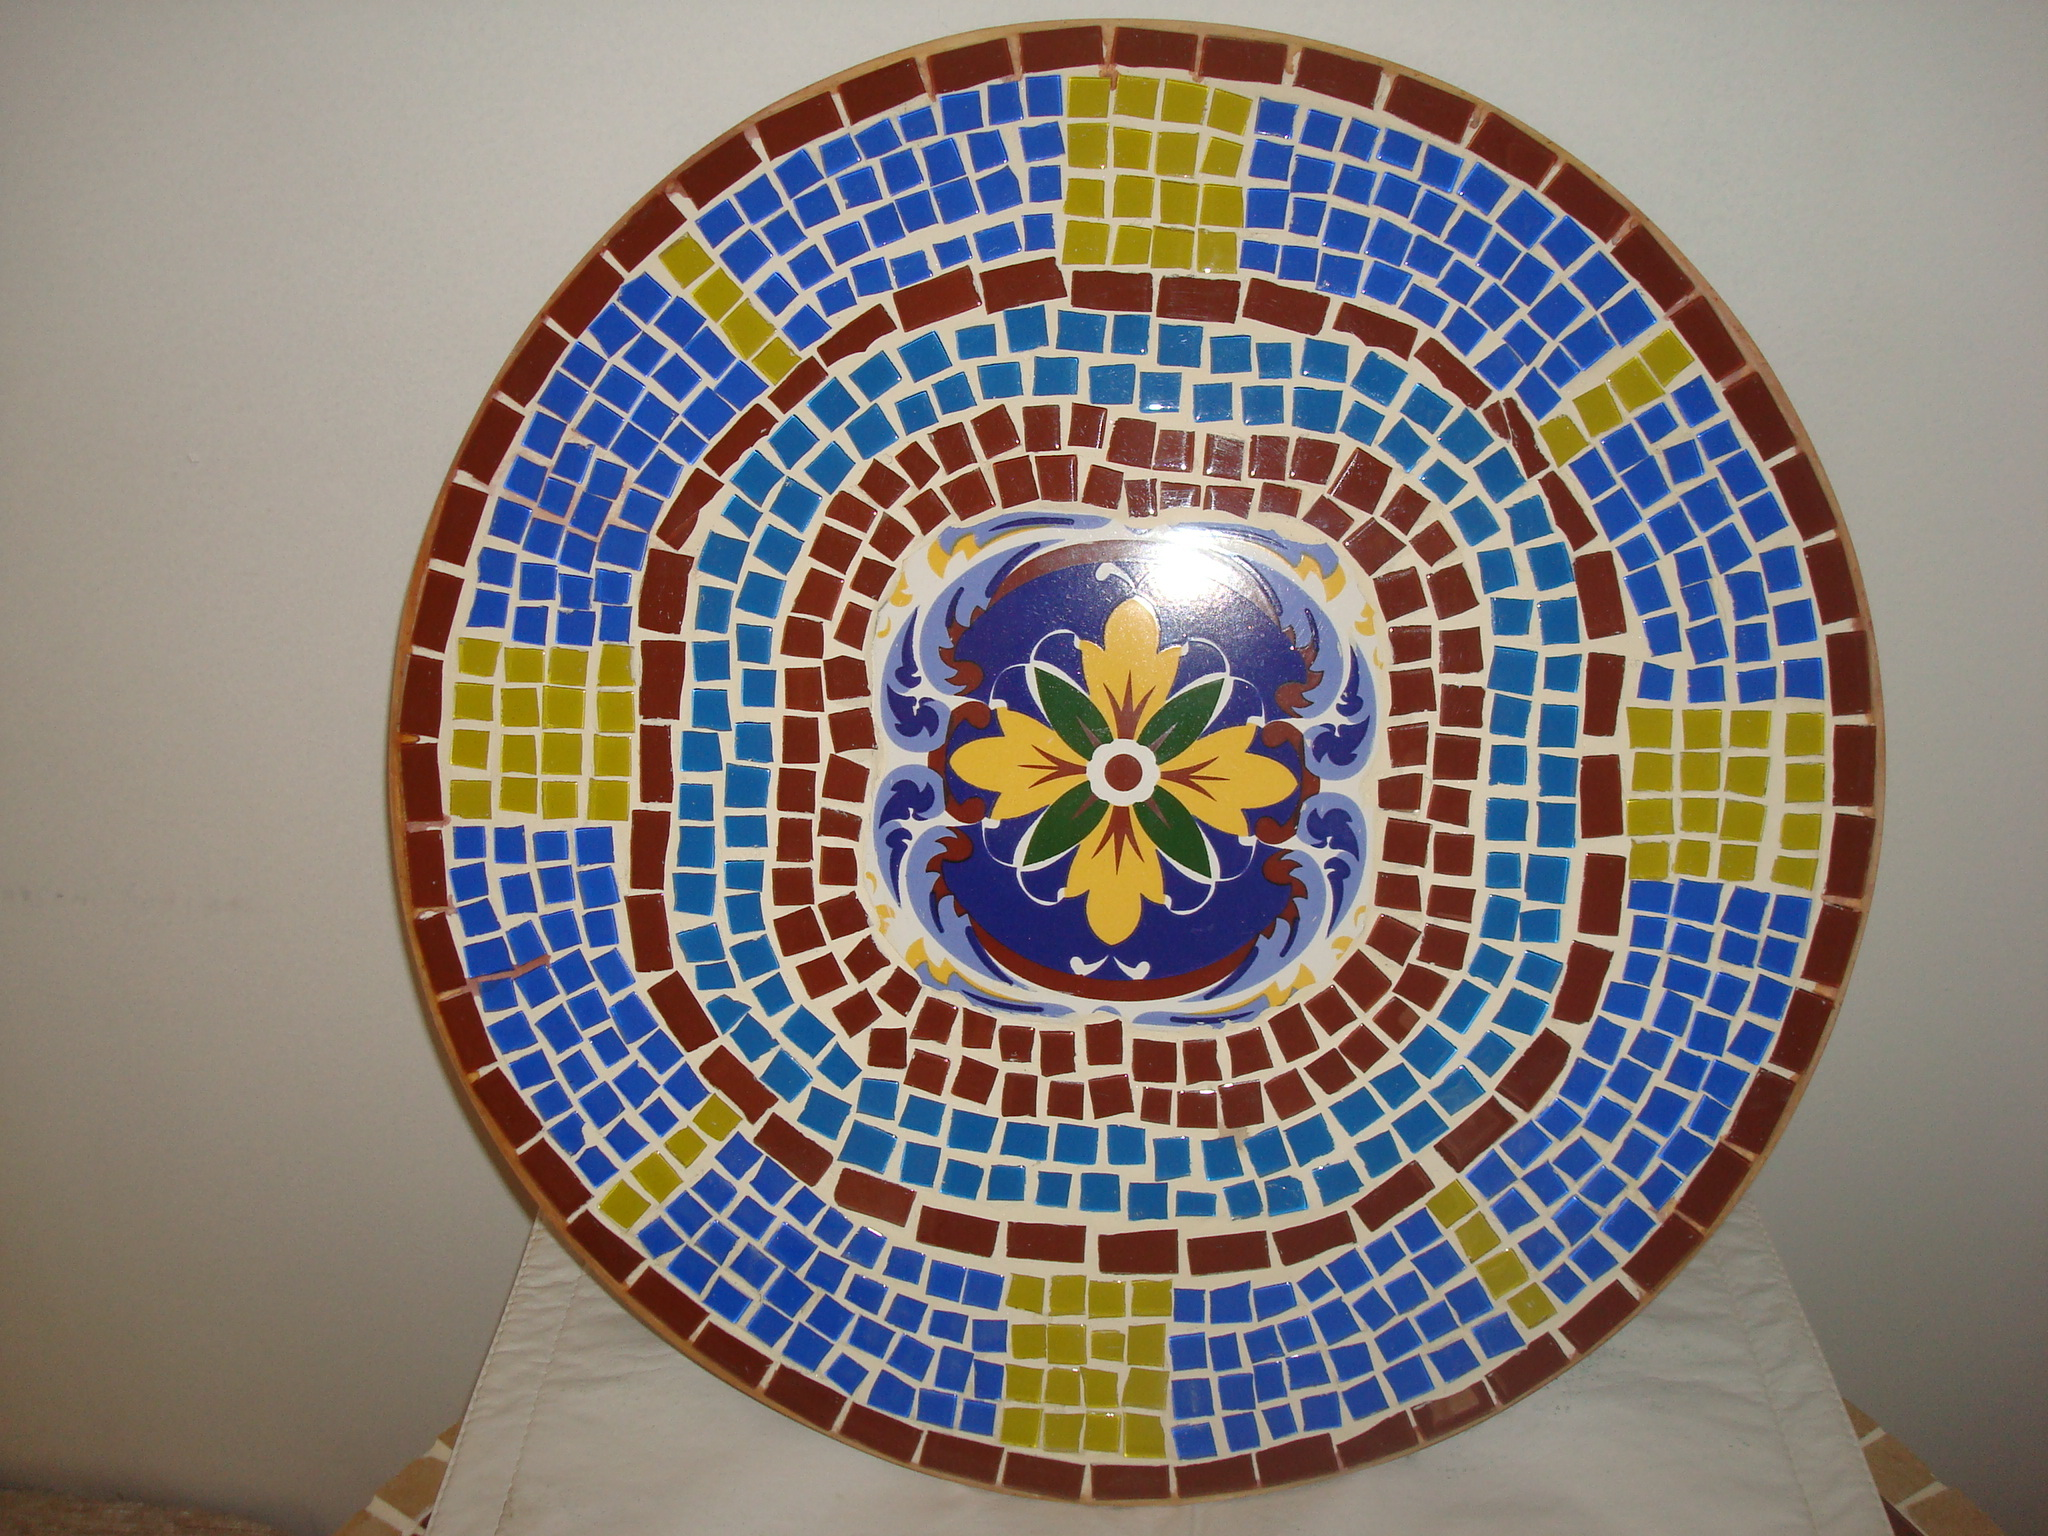 Prato girat rio em mosaico de azulejo m os em arte for Azulejo mosaico